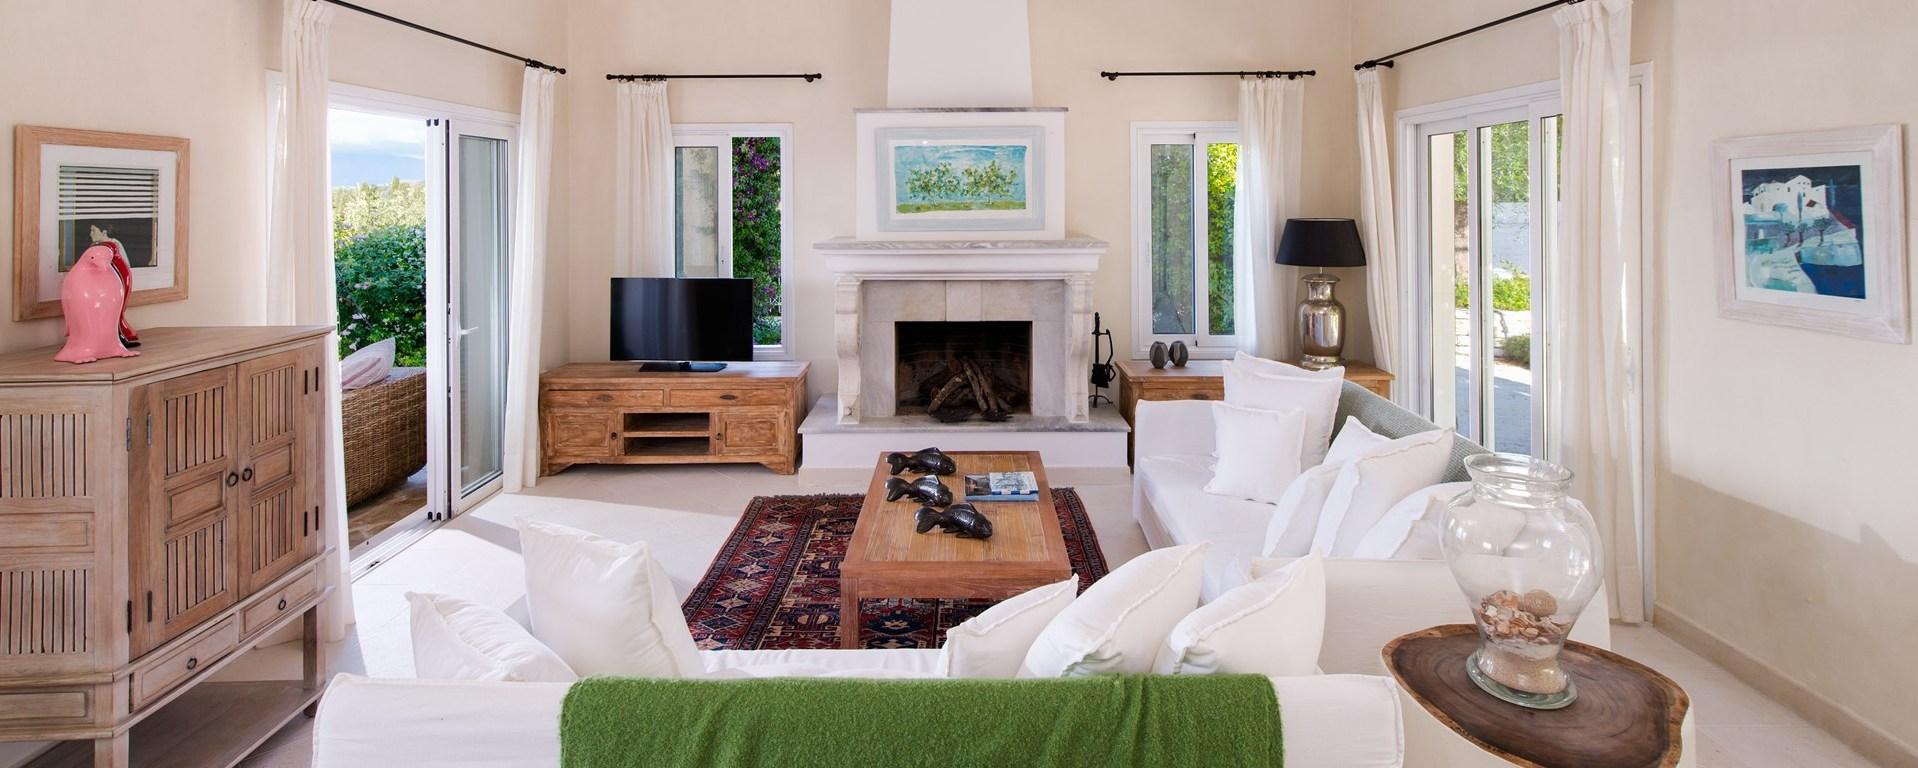 villa-vinita-corfu-living-room